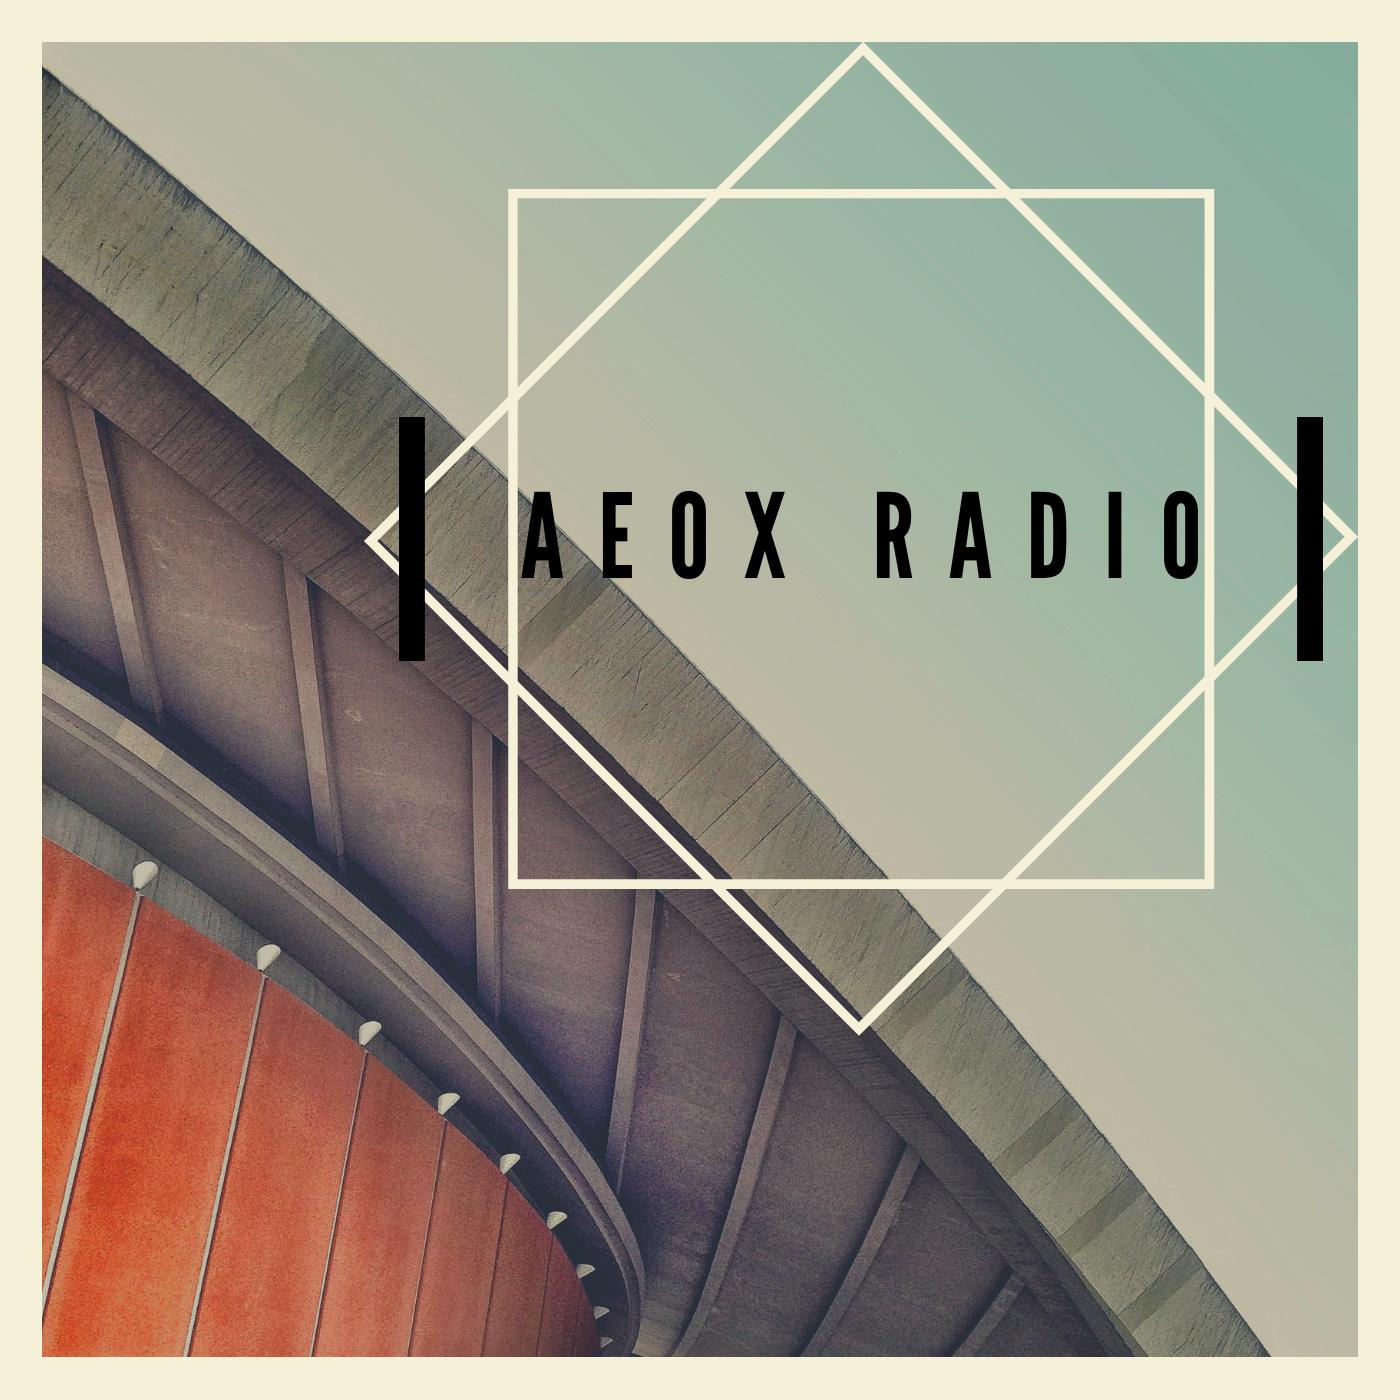 AEOX RADIO